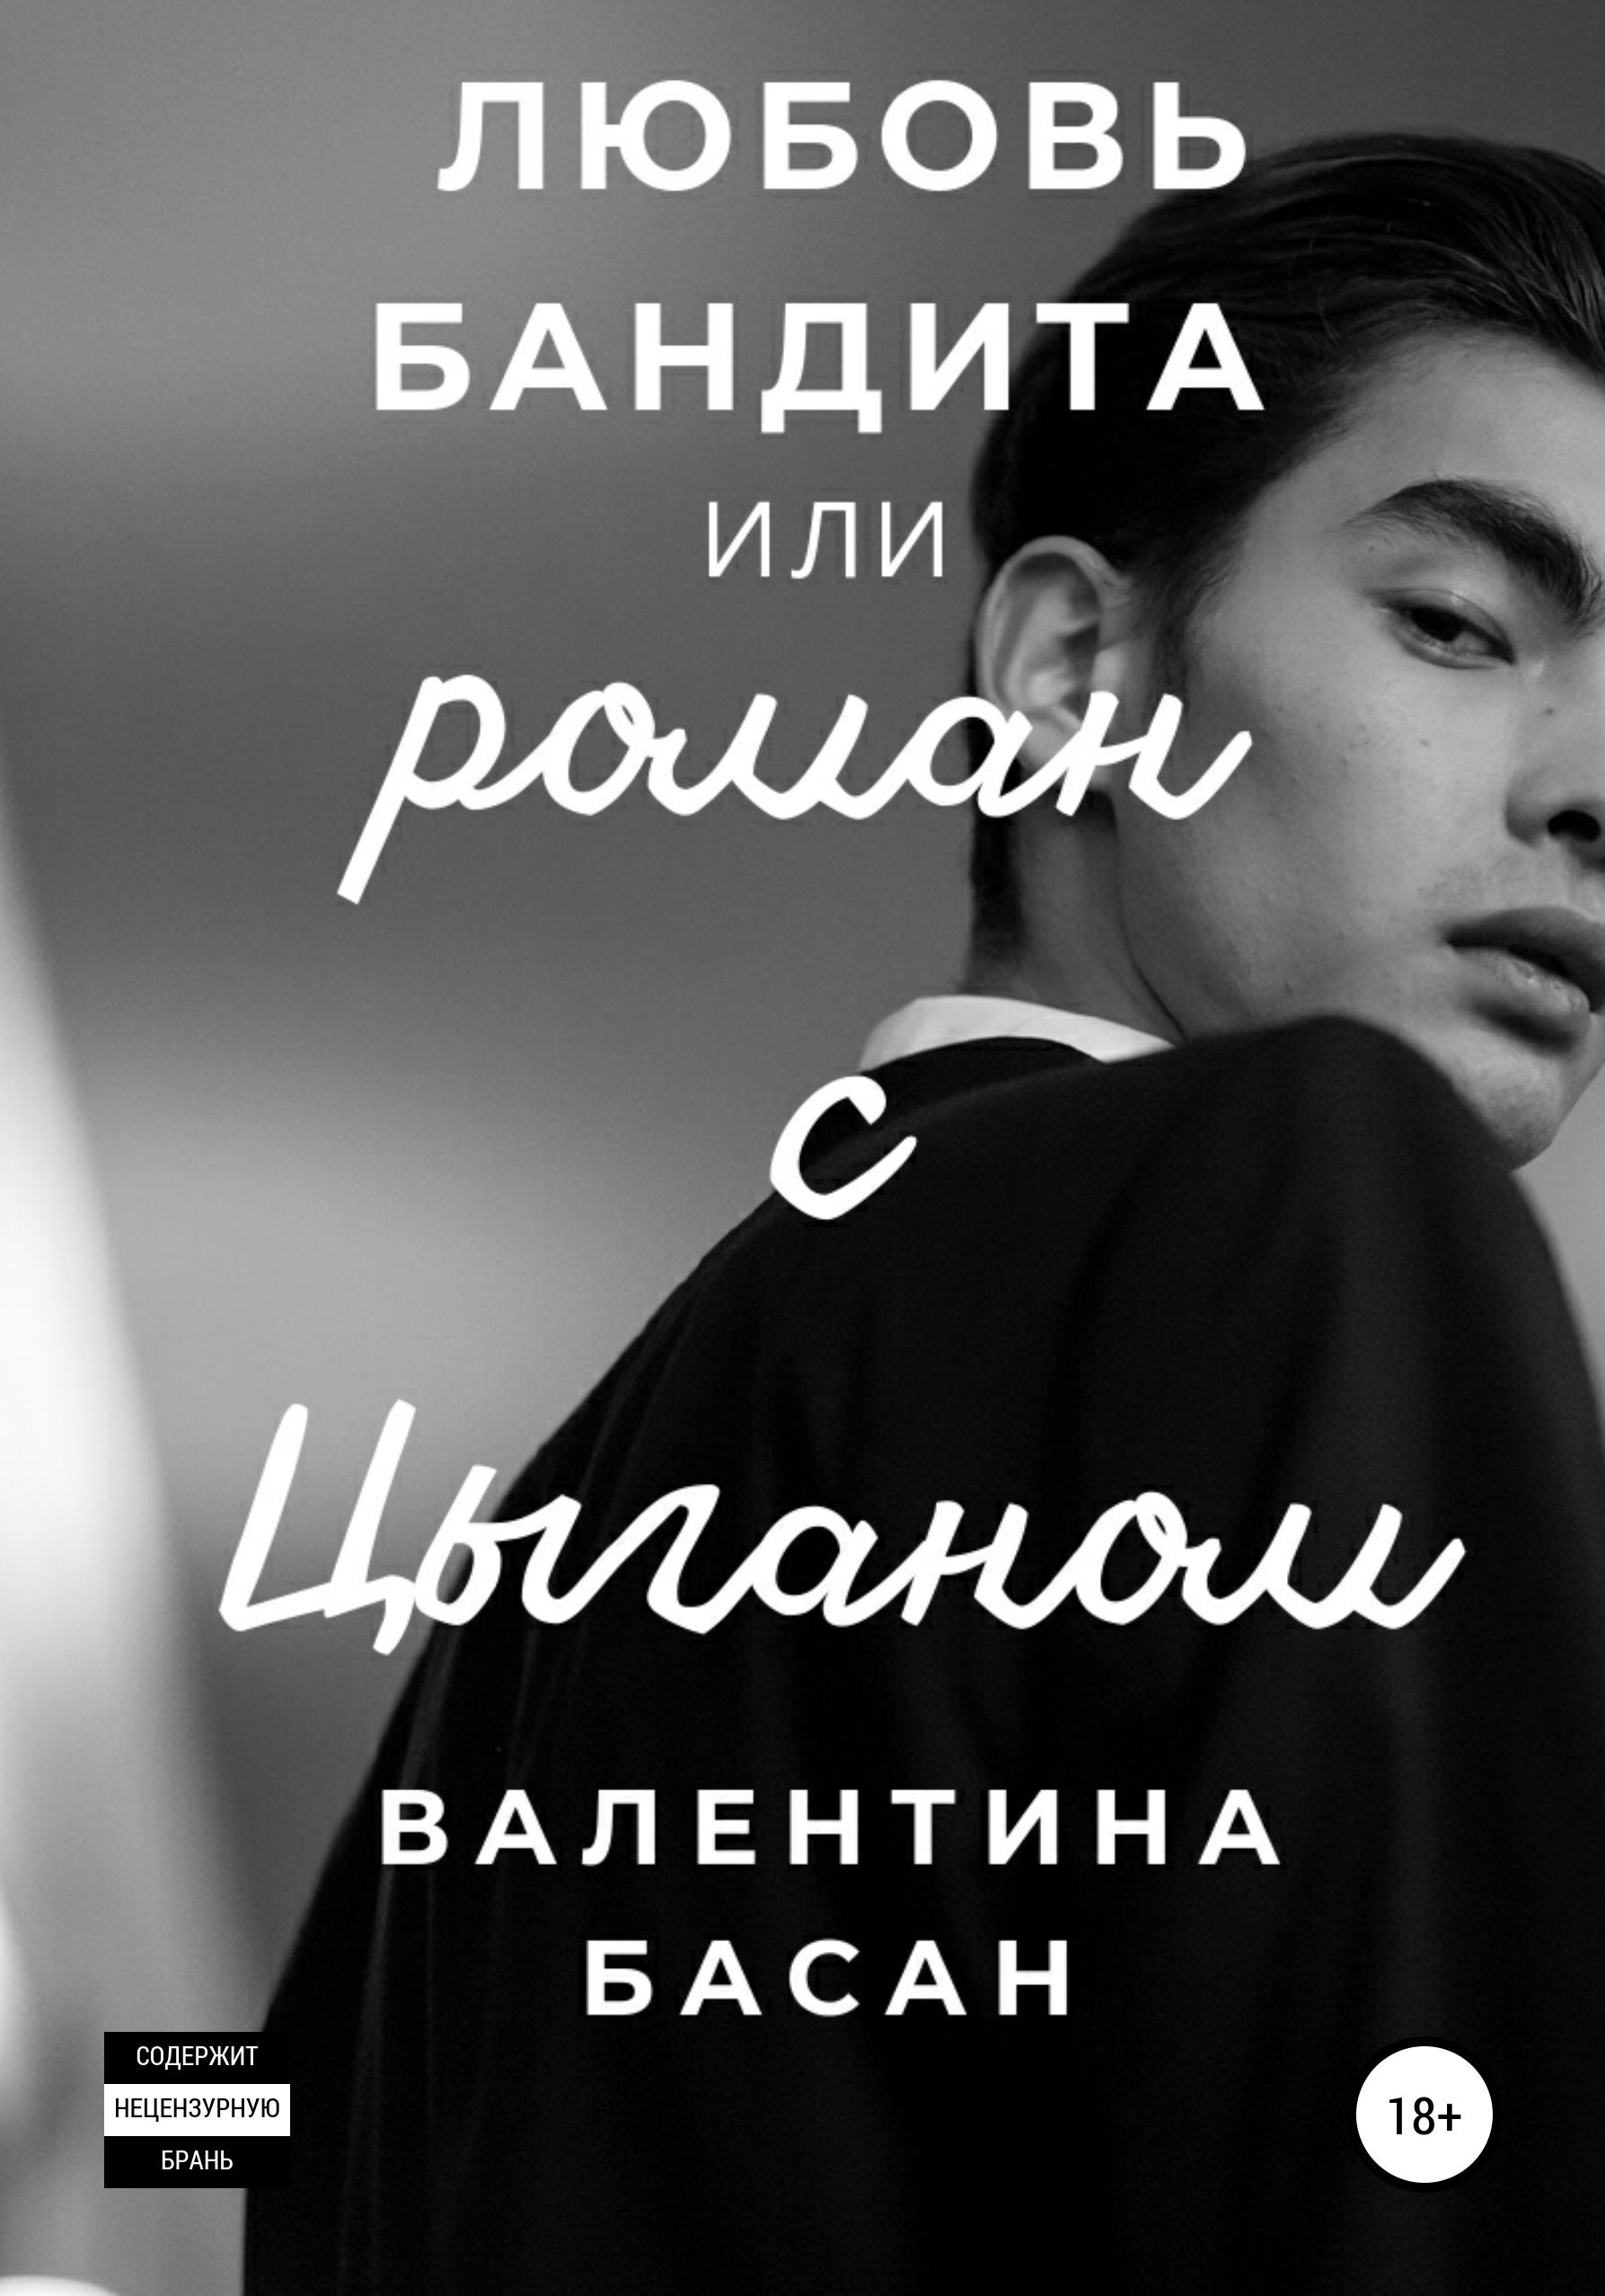 Купить книгу Любовь бандита или роман с Цыганом, автора Валентины Басан